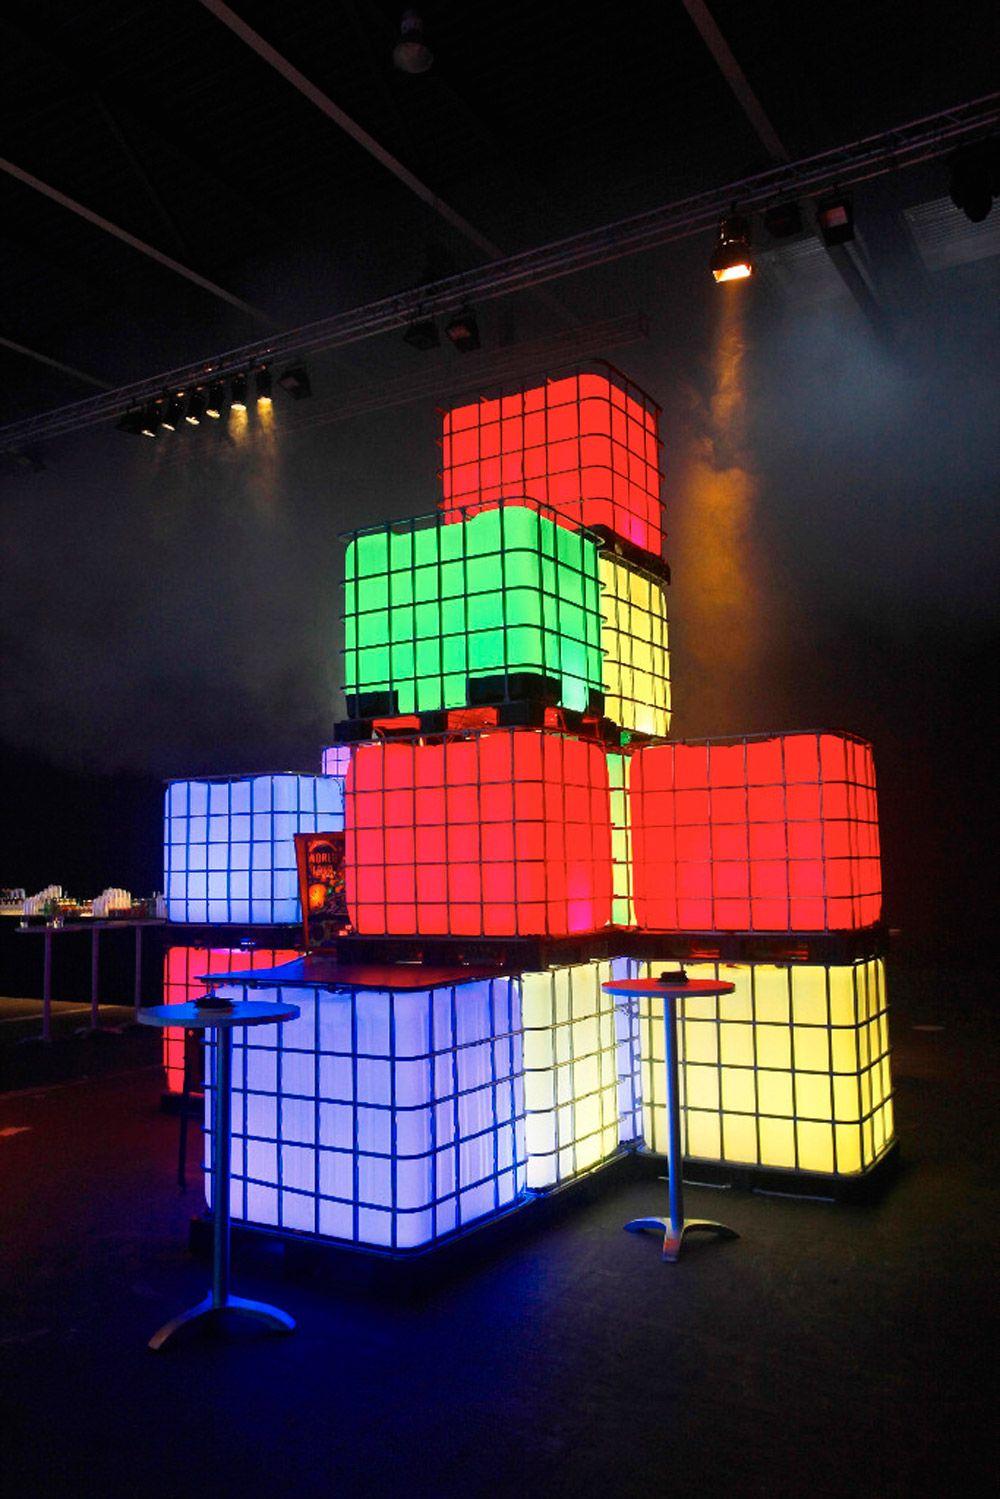 escenarios discoteca - Buscar con Google